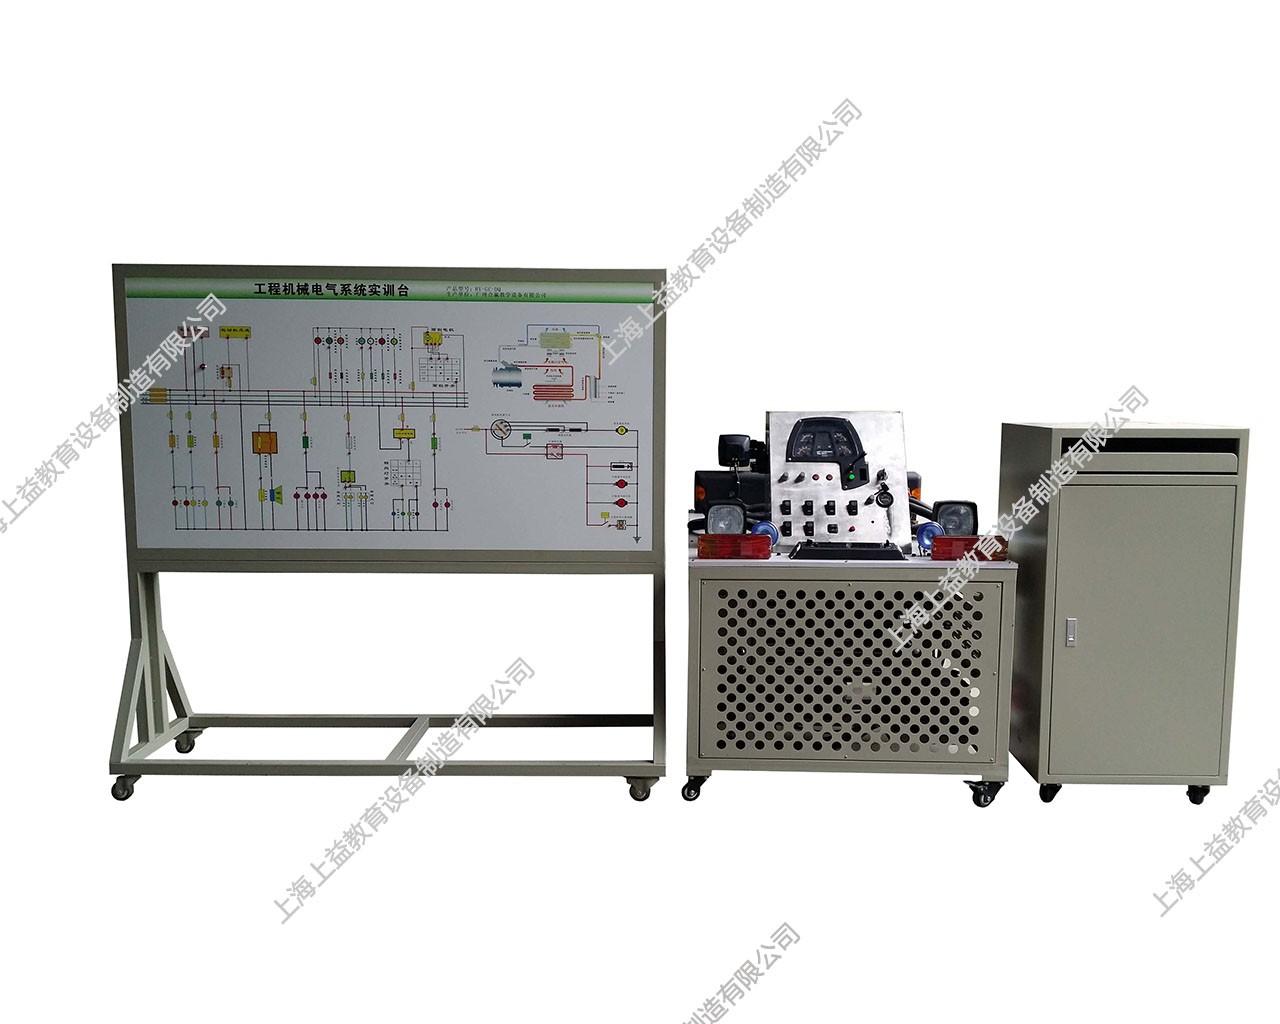 工程机械全车电器带空调系统综合wwwlehu8vip台